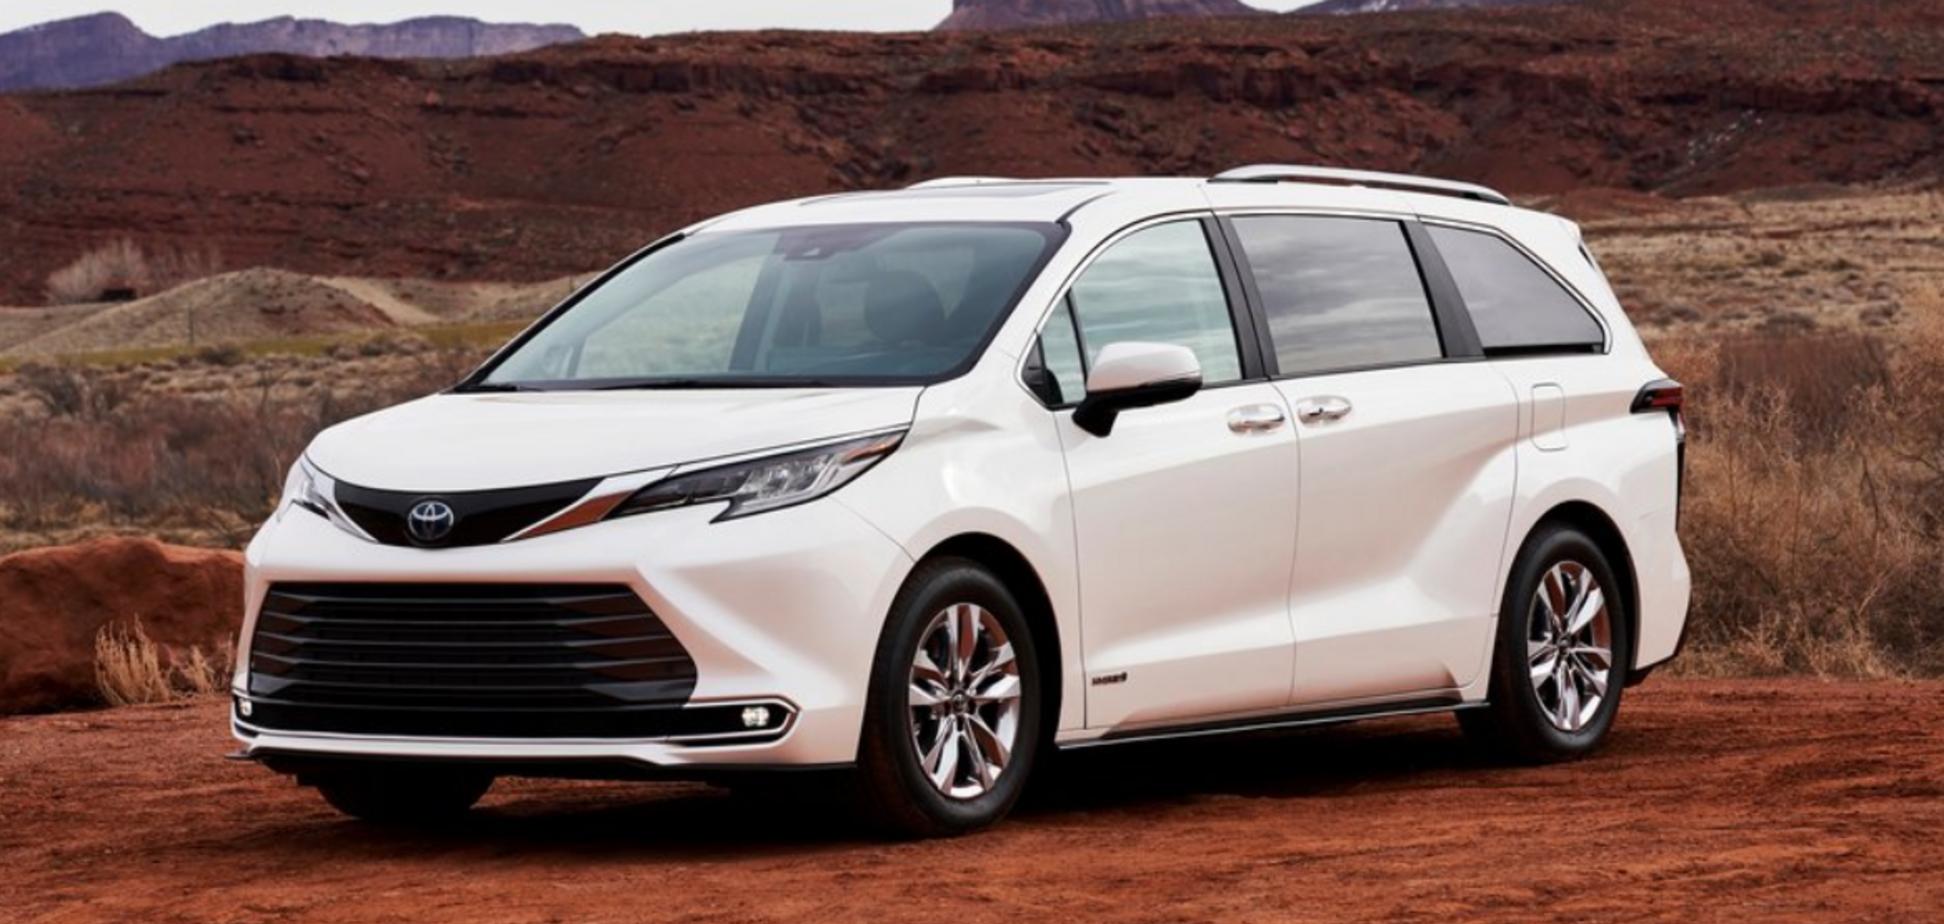 Toyota виявилася найбільш дорогим автомобільним брендом. Фото: Toyota